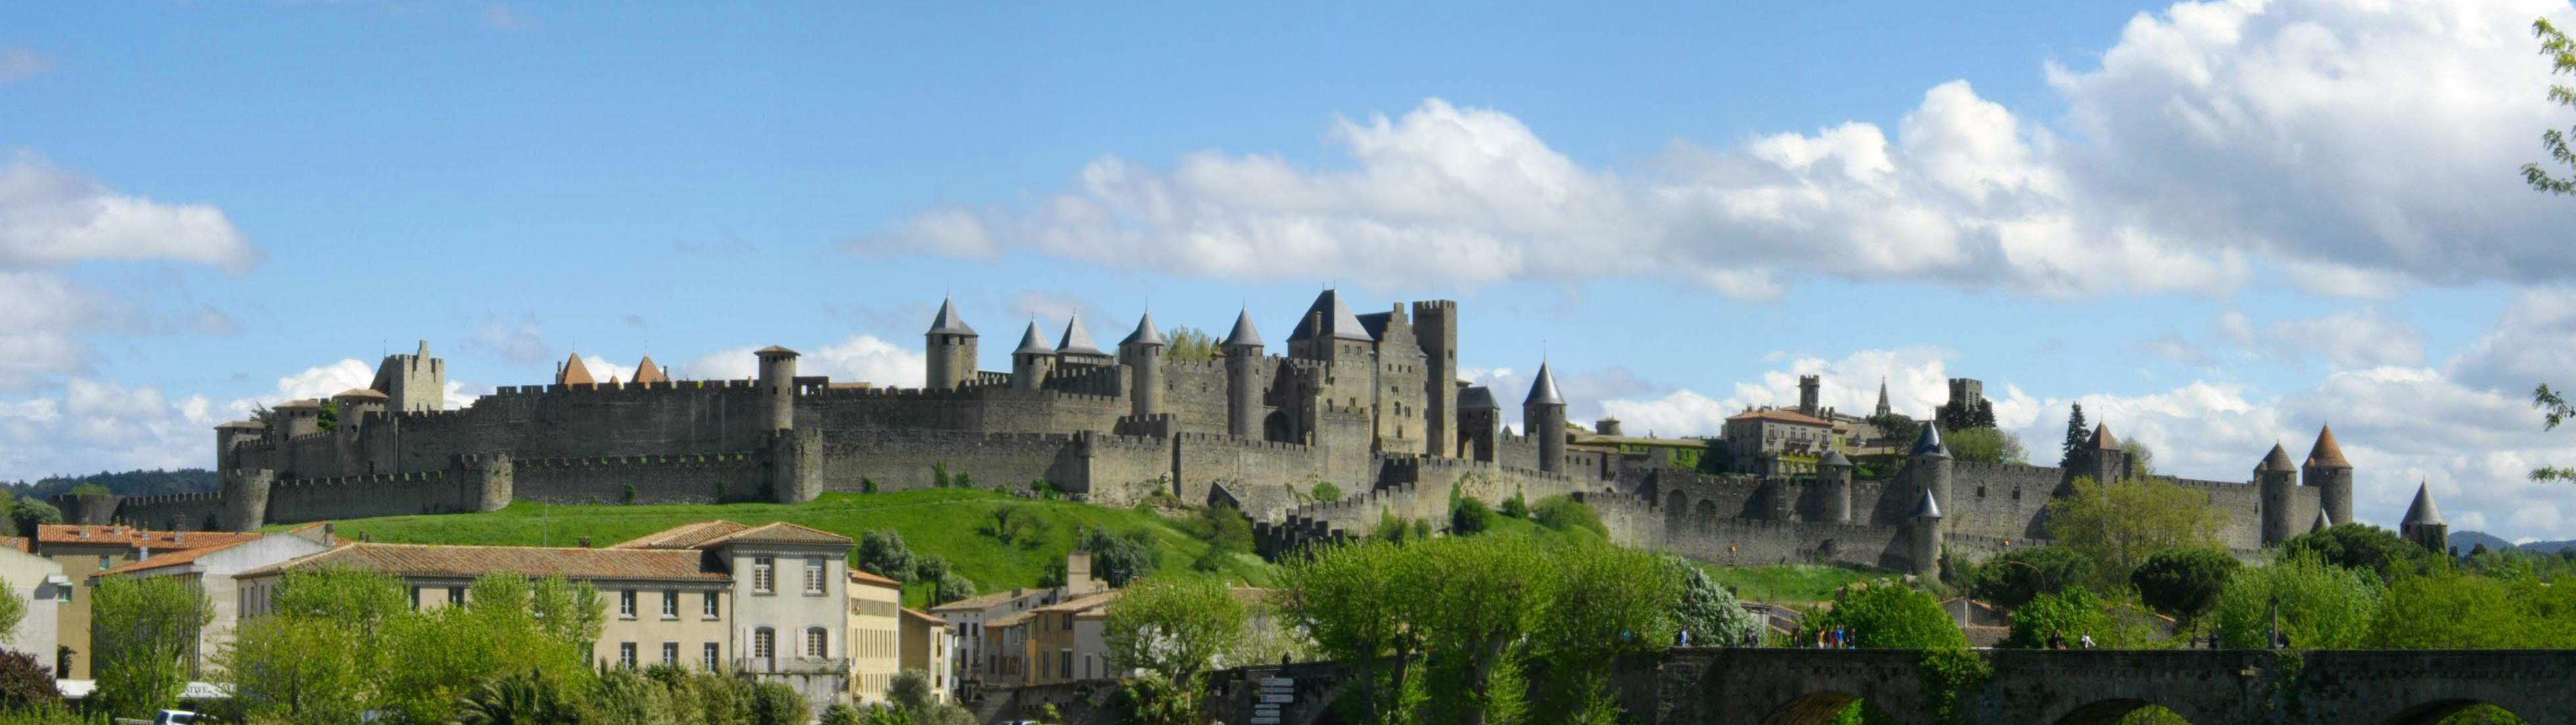 Cit De Carcassonne Par Jondu11 Sous Licence GFDL Via Wikimedia Commons